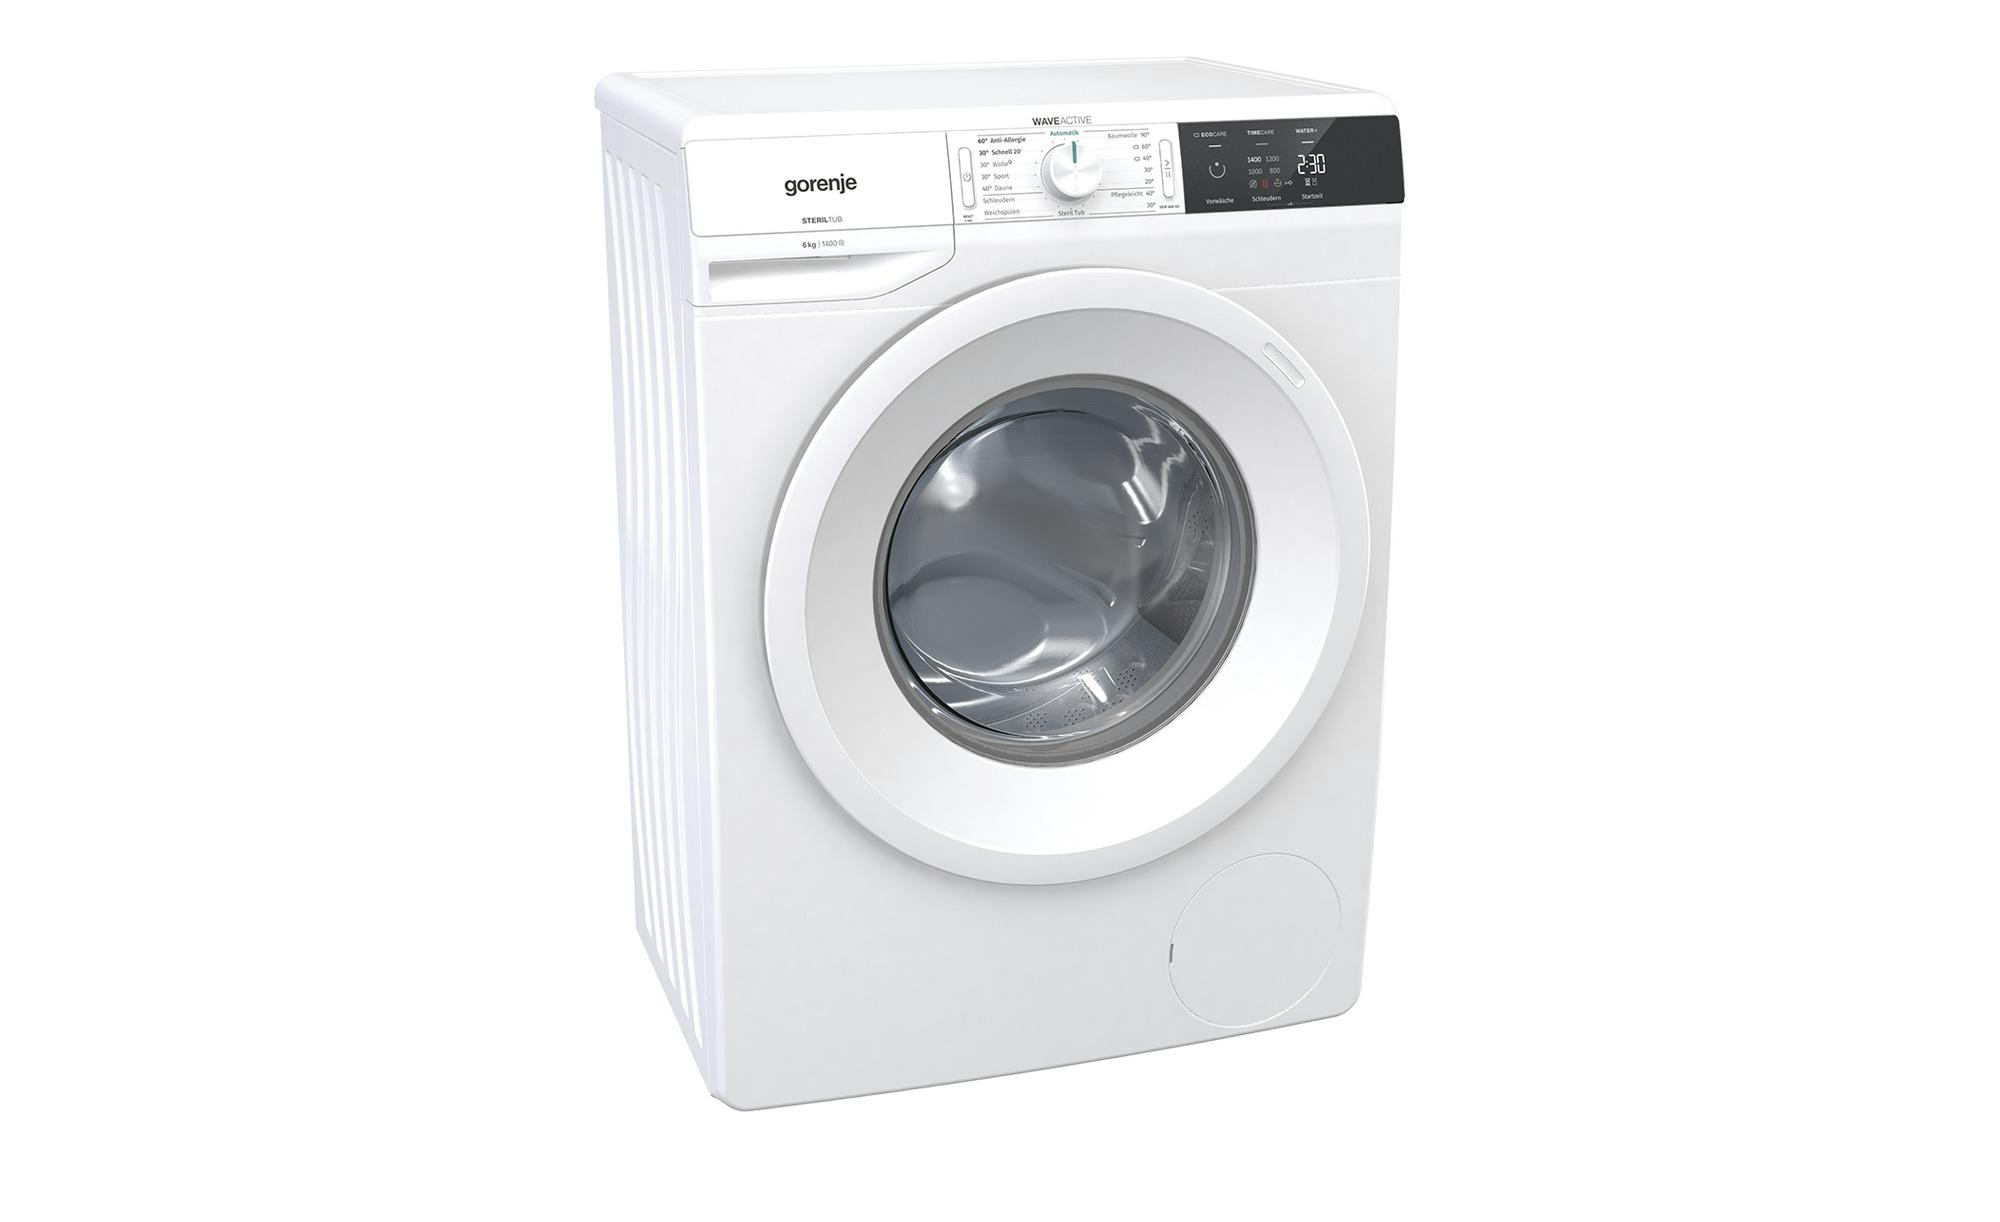 gorenje Waschvollautomat  WE64S3P ¦ weiß ¦ Glas , Kunststoff, Metall-lackiert ¦ Maße (cm): B: 60 H: 85 T: 43 Elektrogeräte > Waschmaschinen - Höffner